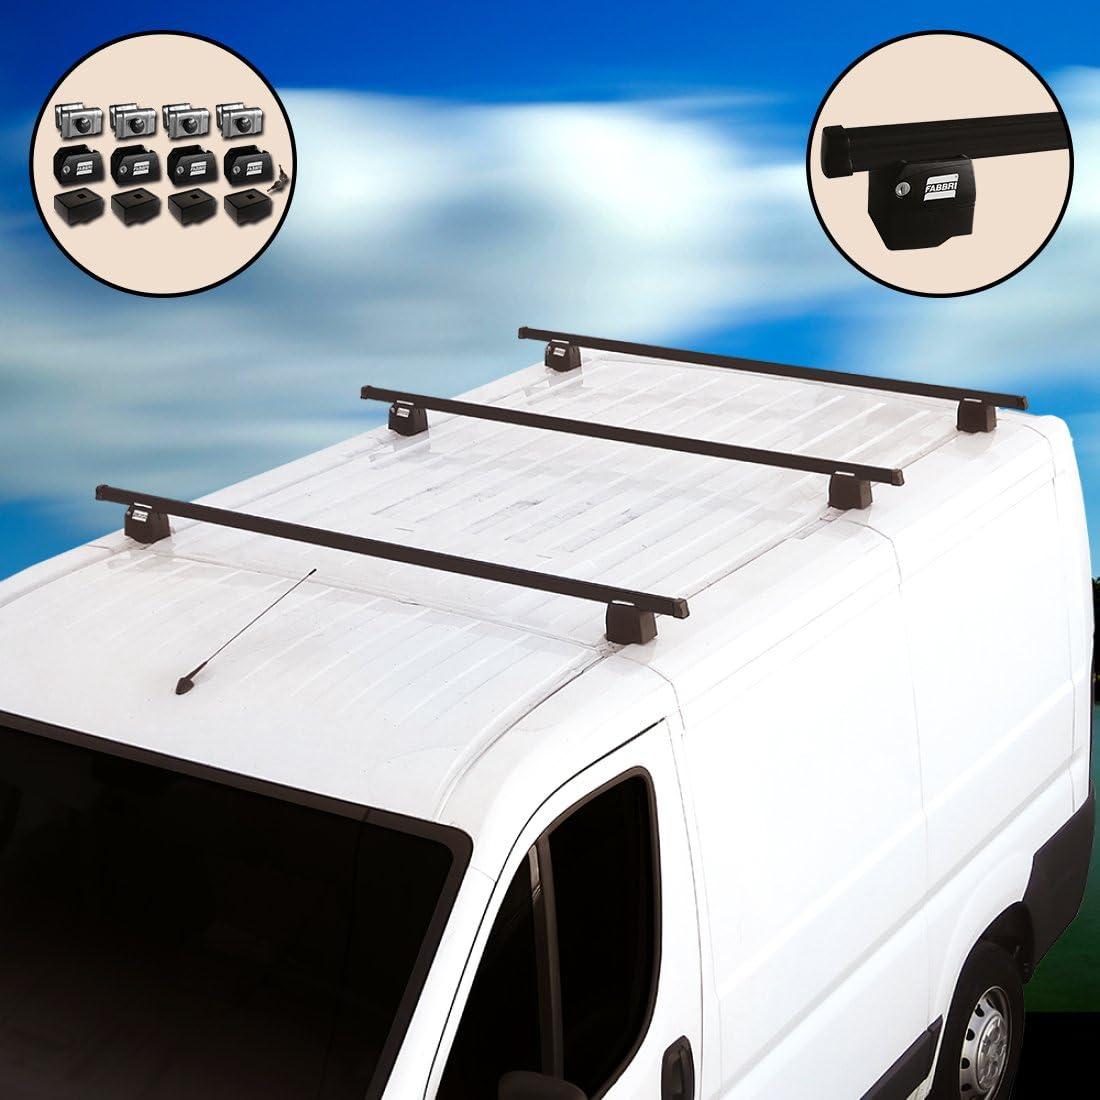 Kit Dachtr/äger mit Diebstahlsicherung Barro sistem Kastenwagen f/ür Fiat Fiorino ab 2008//2009//2010//2011//2012//2013//2014//2015//2016 in dann